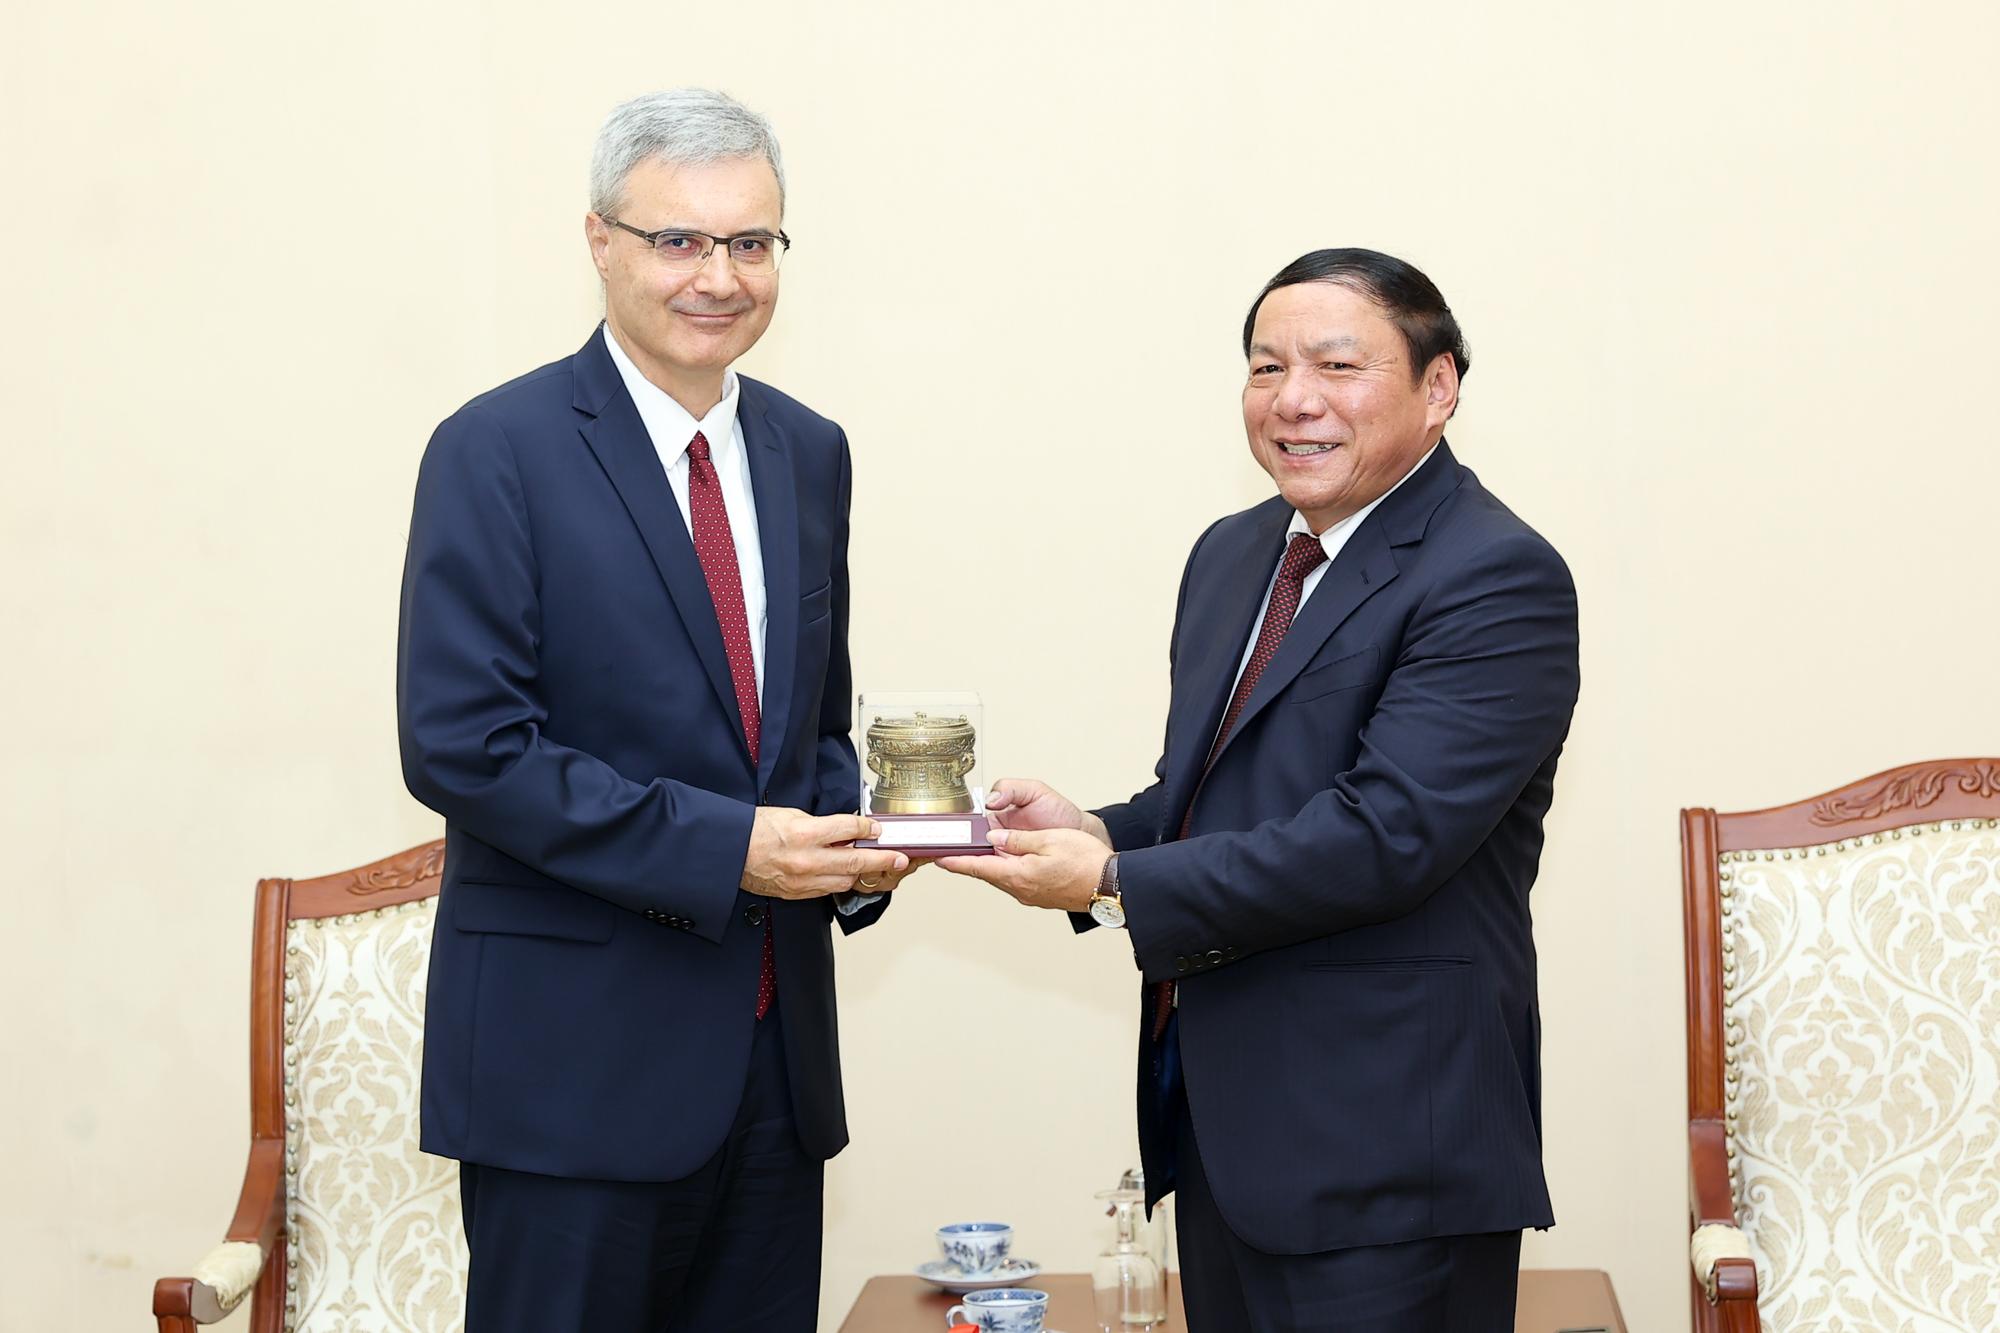 Đưa hợp tác văn hóa, thể thao, du lịch Việt- Pháp phát triển thiết thực và hiệu quả hơn - Ảnh 2.